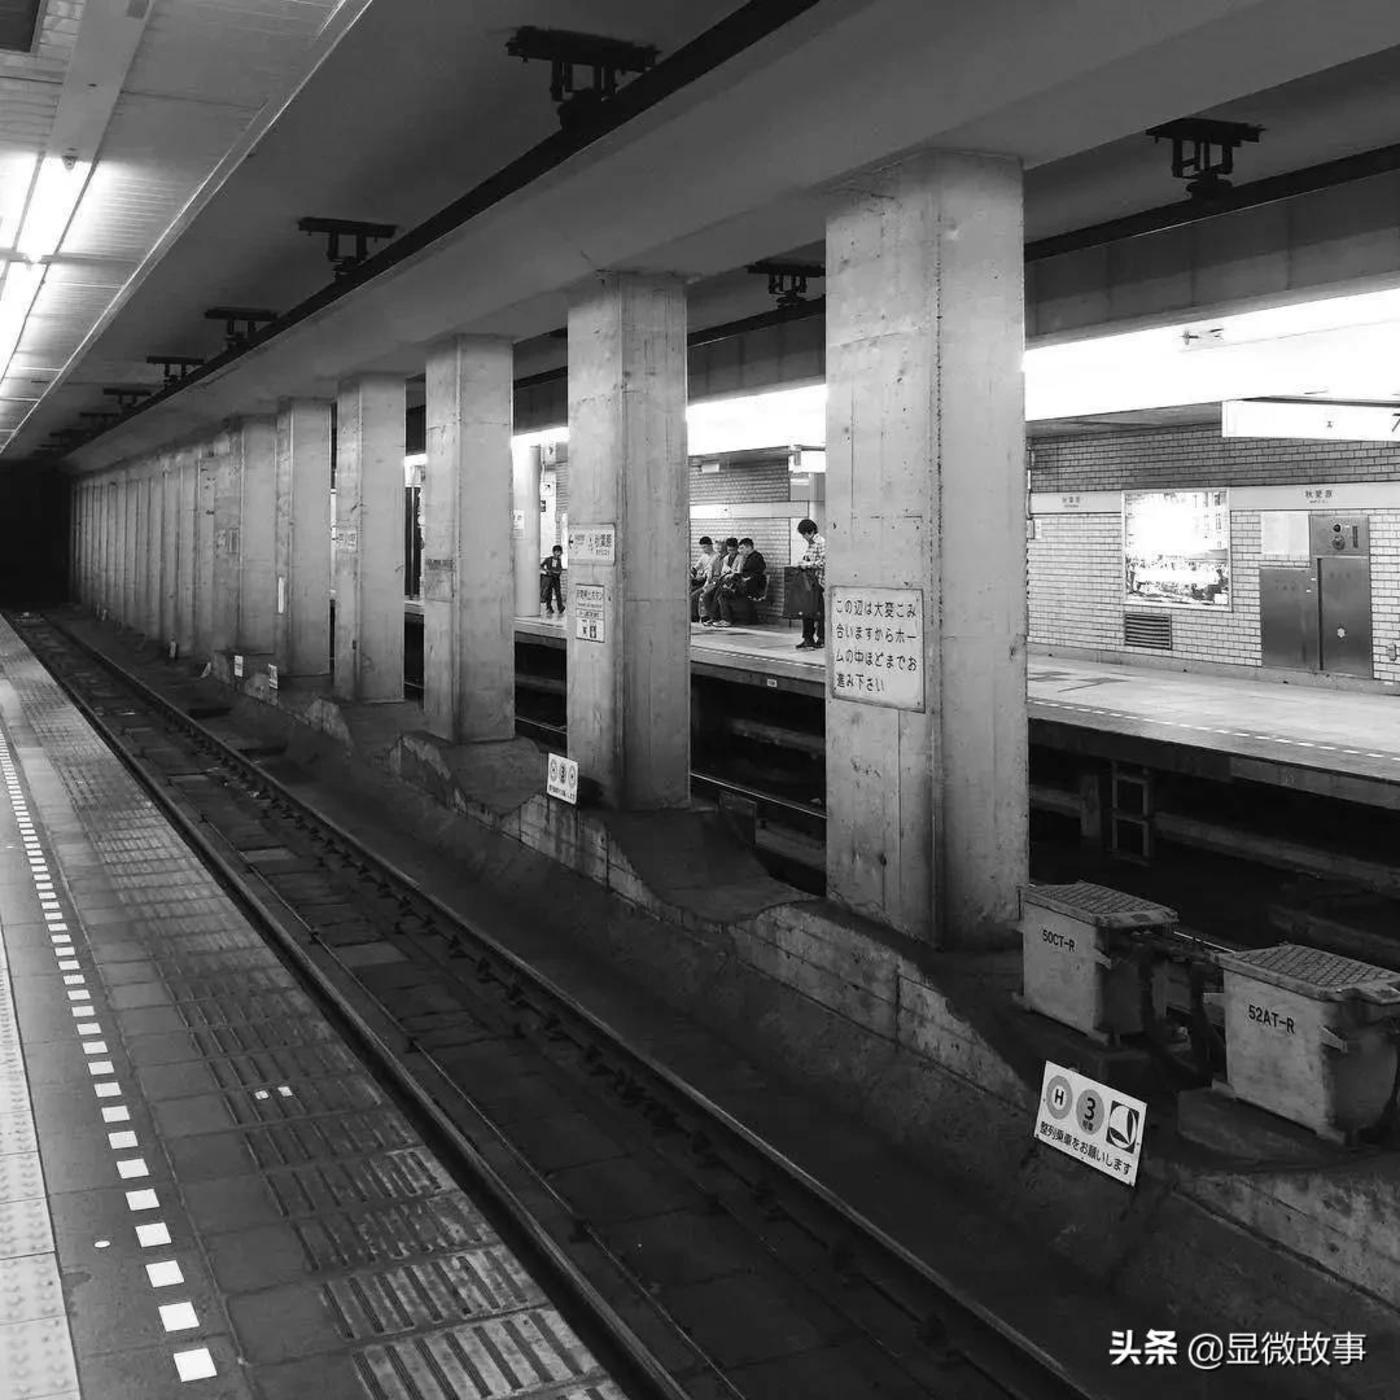 图 |上班路过地铁站